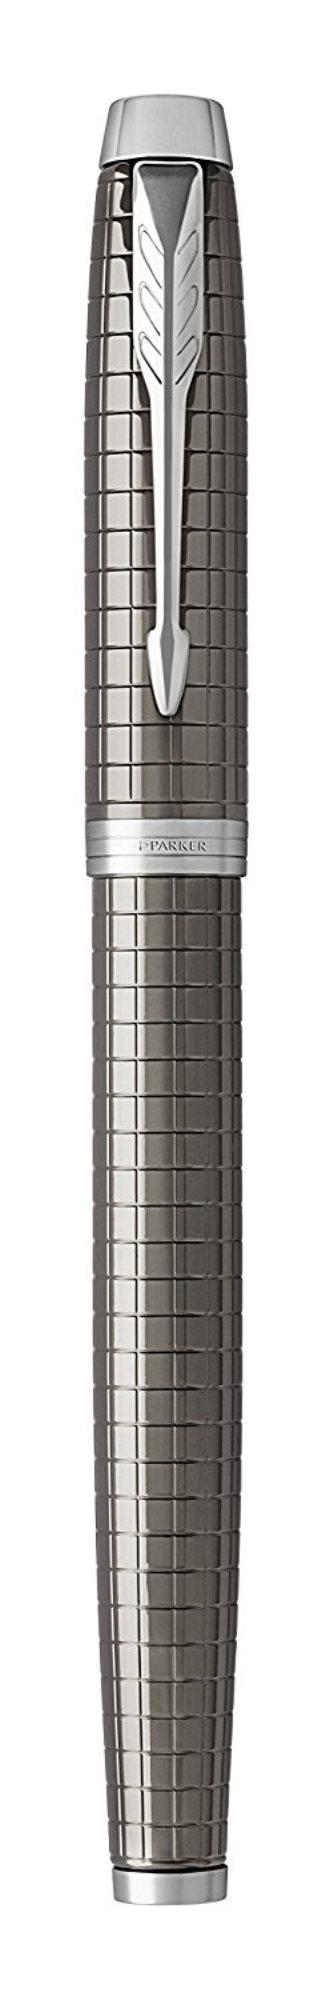 1931681 Parker IM Premium